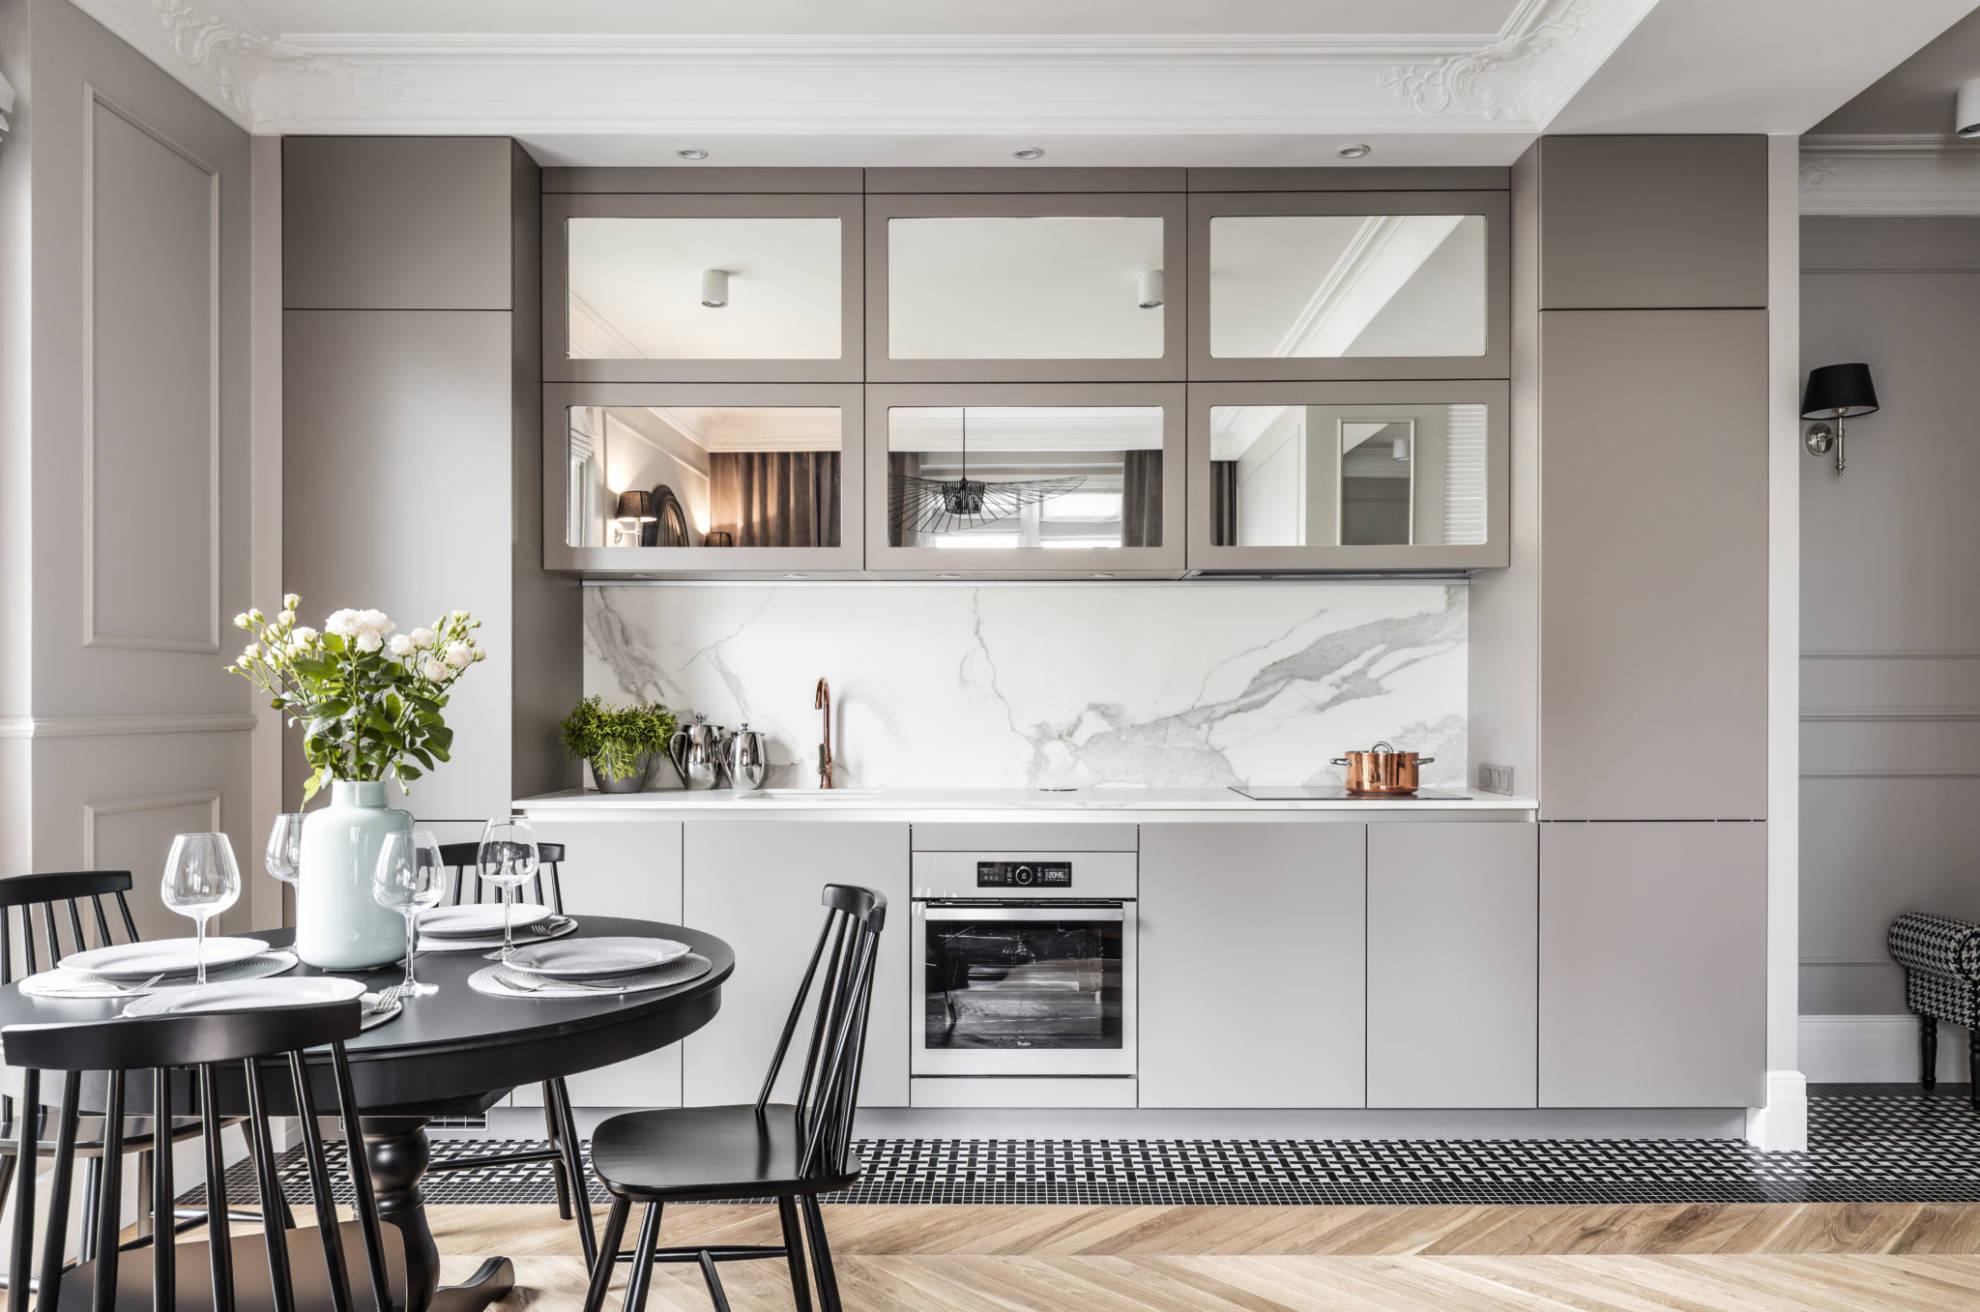 Otwarta kuchnia - meble kuchenne realizacja SAS Wnętrza i Kuchnie, projekt architekt wnętrz Emilia Strzempek Plasun